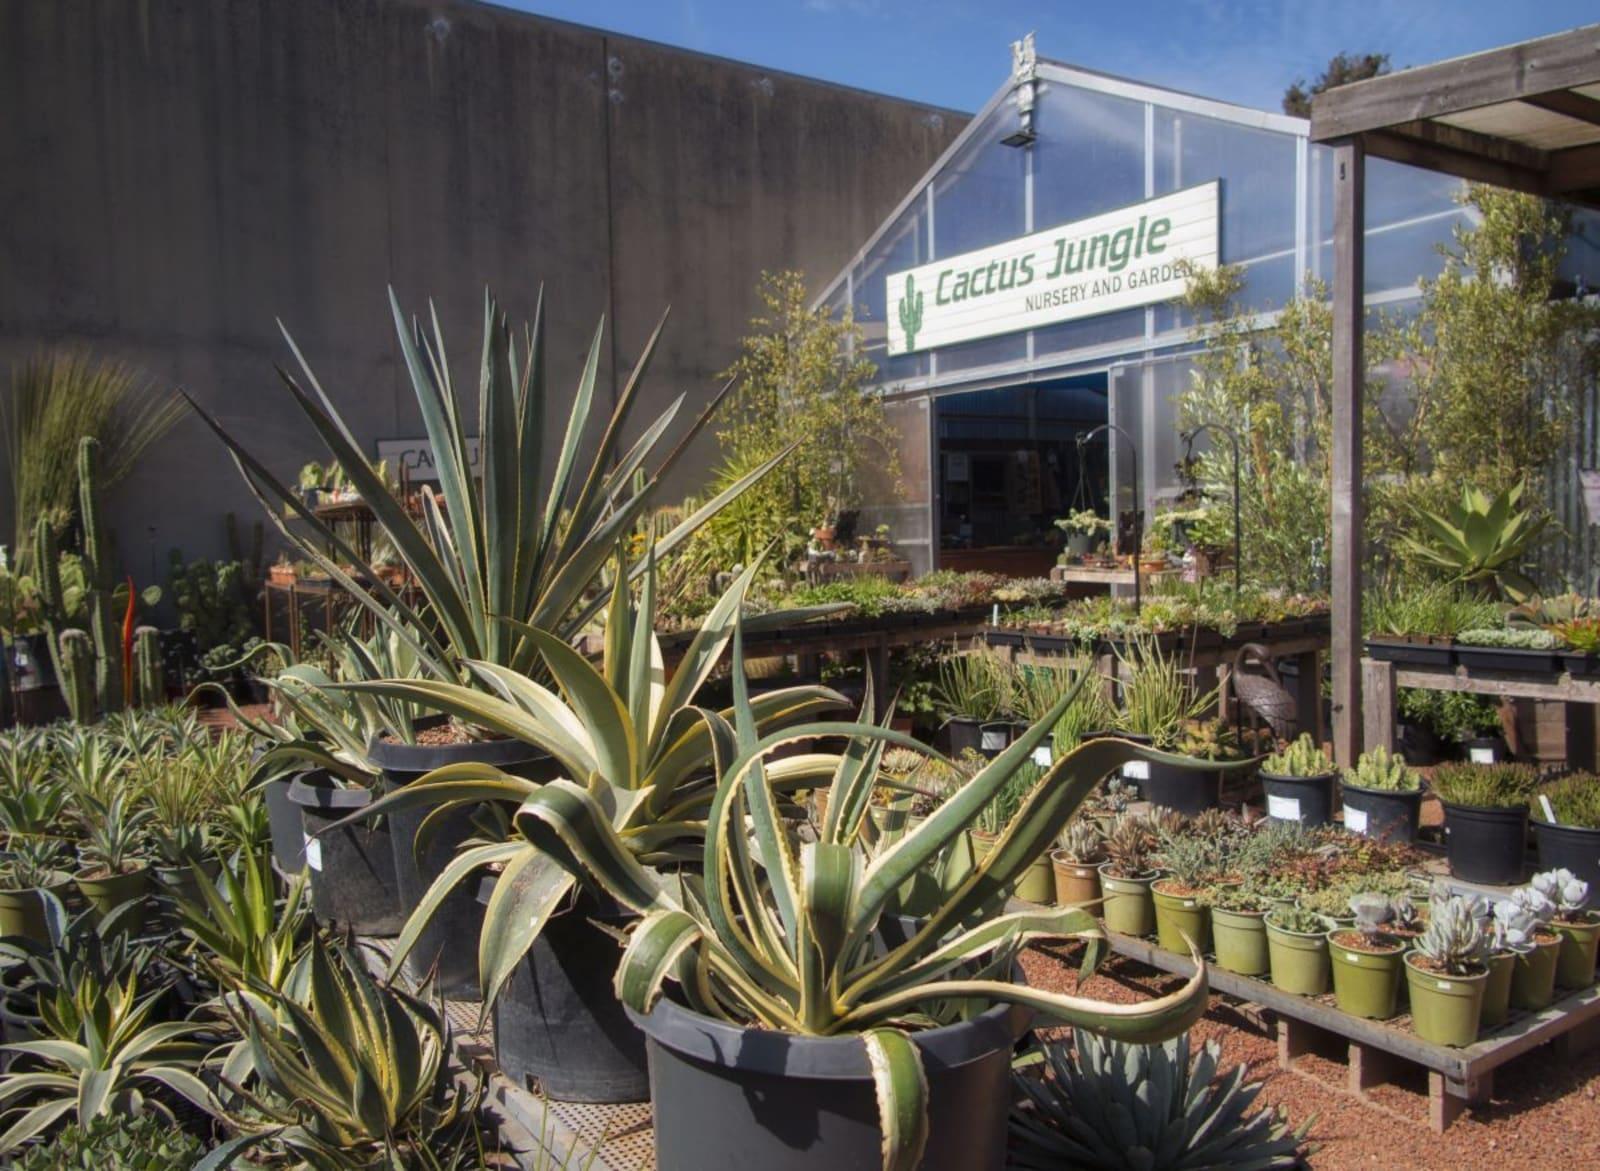 Gifts at Cactus Jungle